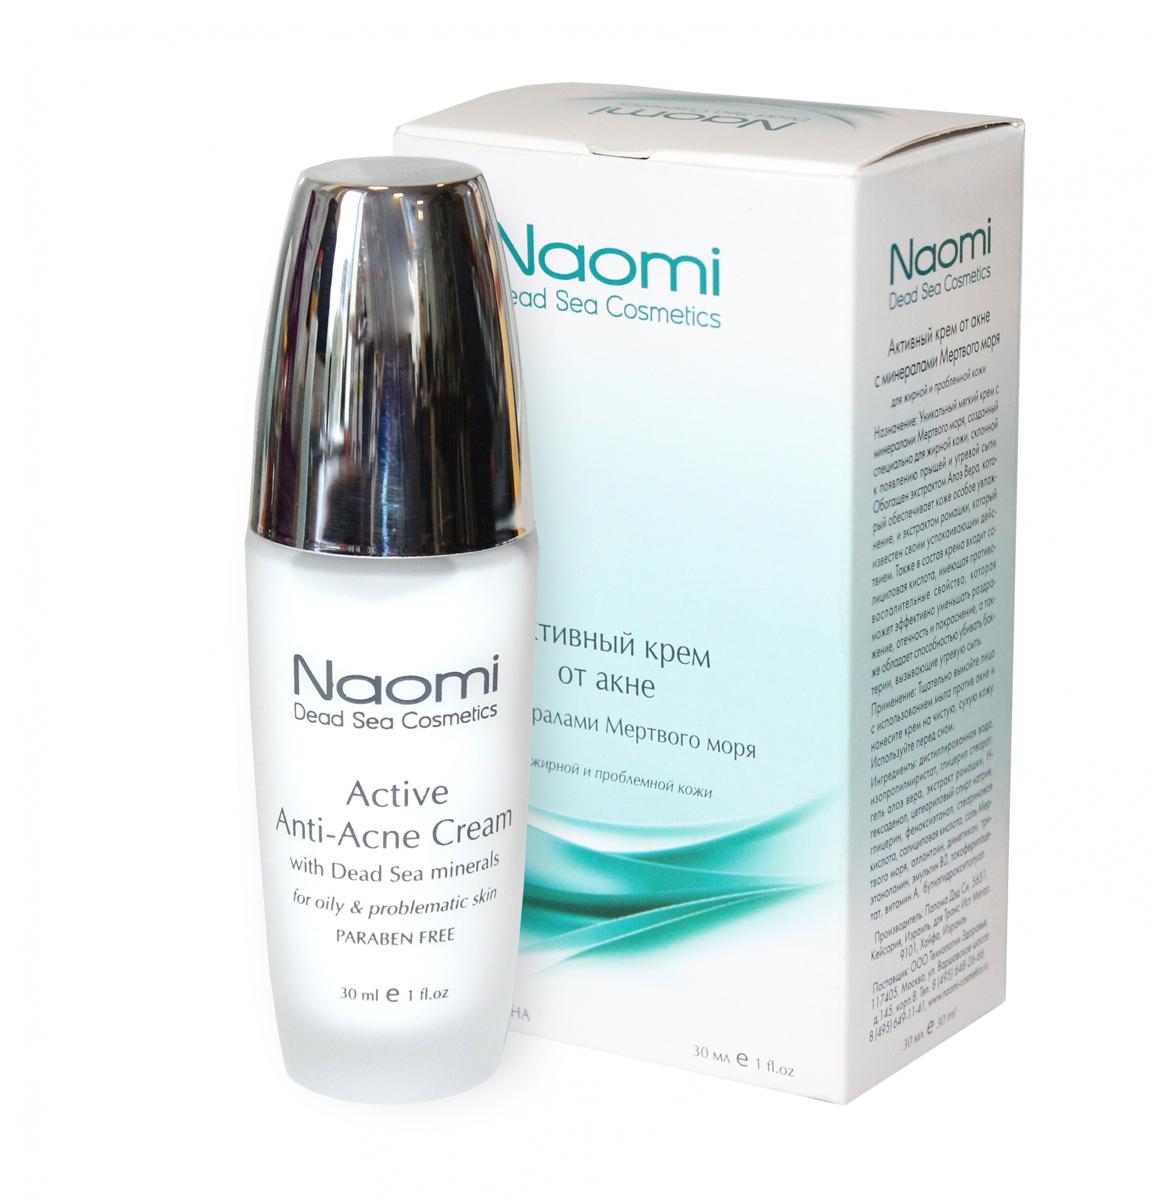 Naomi Активный крем против акне Naomi, 30 млKM 0039Уникальный мягкий крем, созданный специально для жирной кожи, склонной к появлению прыщей и угревой сыпи. Обогащен экстрактом Алоэ Вера, который обеспечивает коже особое увлажнение, и экстрактом ромашки, который известен своим успокаивающим действием. Также в состав крема входит салициловая кислота, имеющая противовоспалительные свойства, которая может эффективно уменьшать раздражение, отечность и покраснение, а также обладает способностью убивать бактерии, вызывающие угревую сыпь.